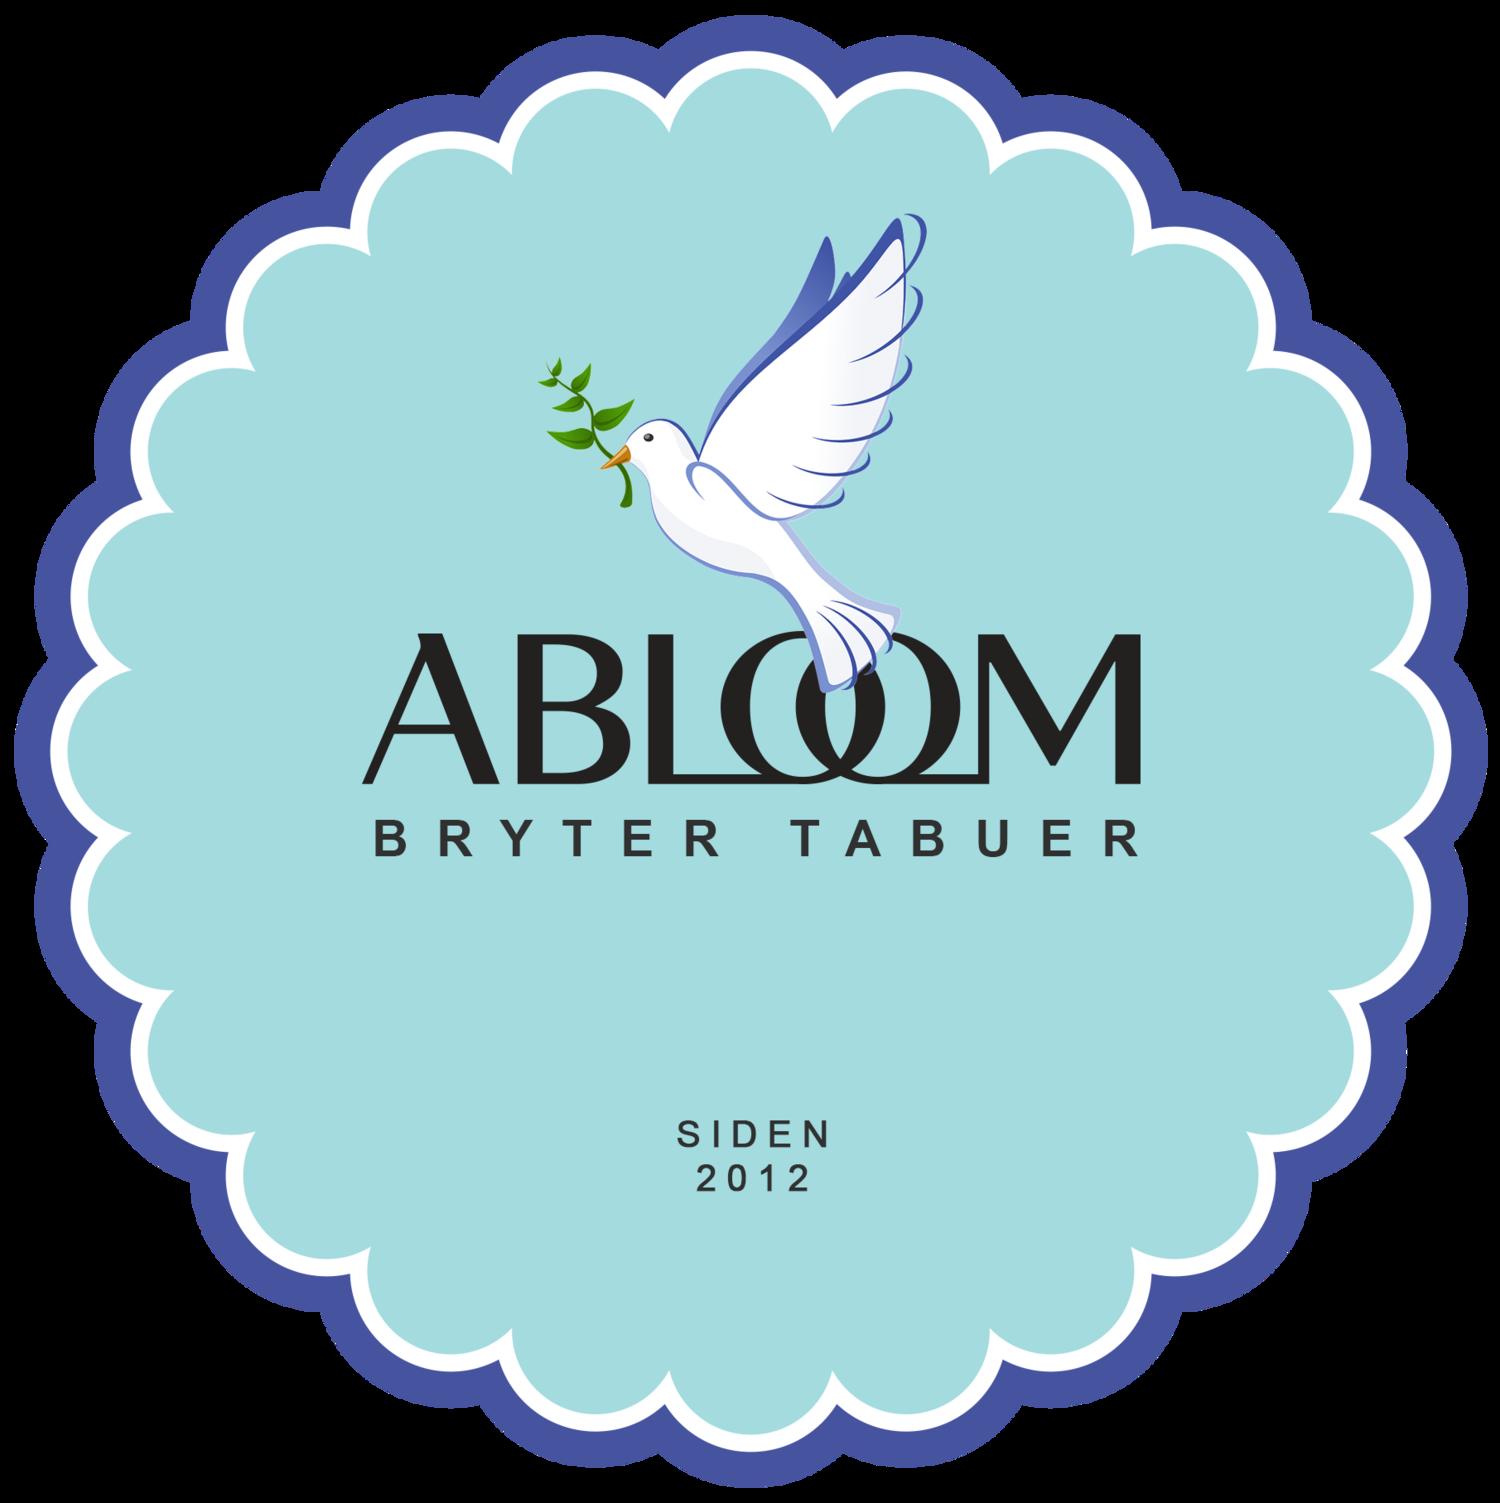 abloom.png